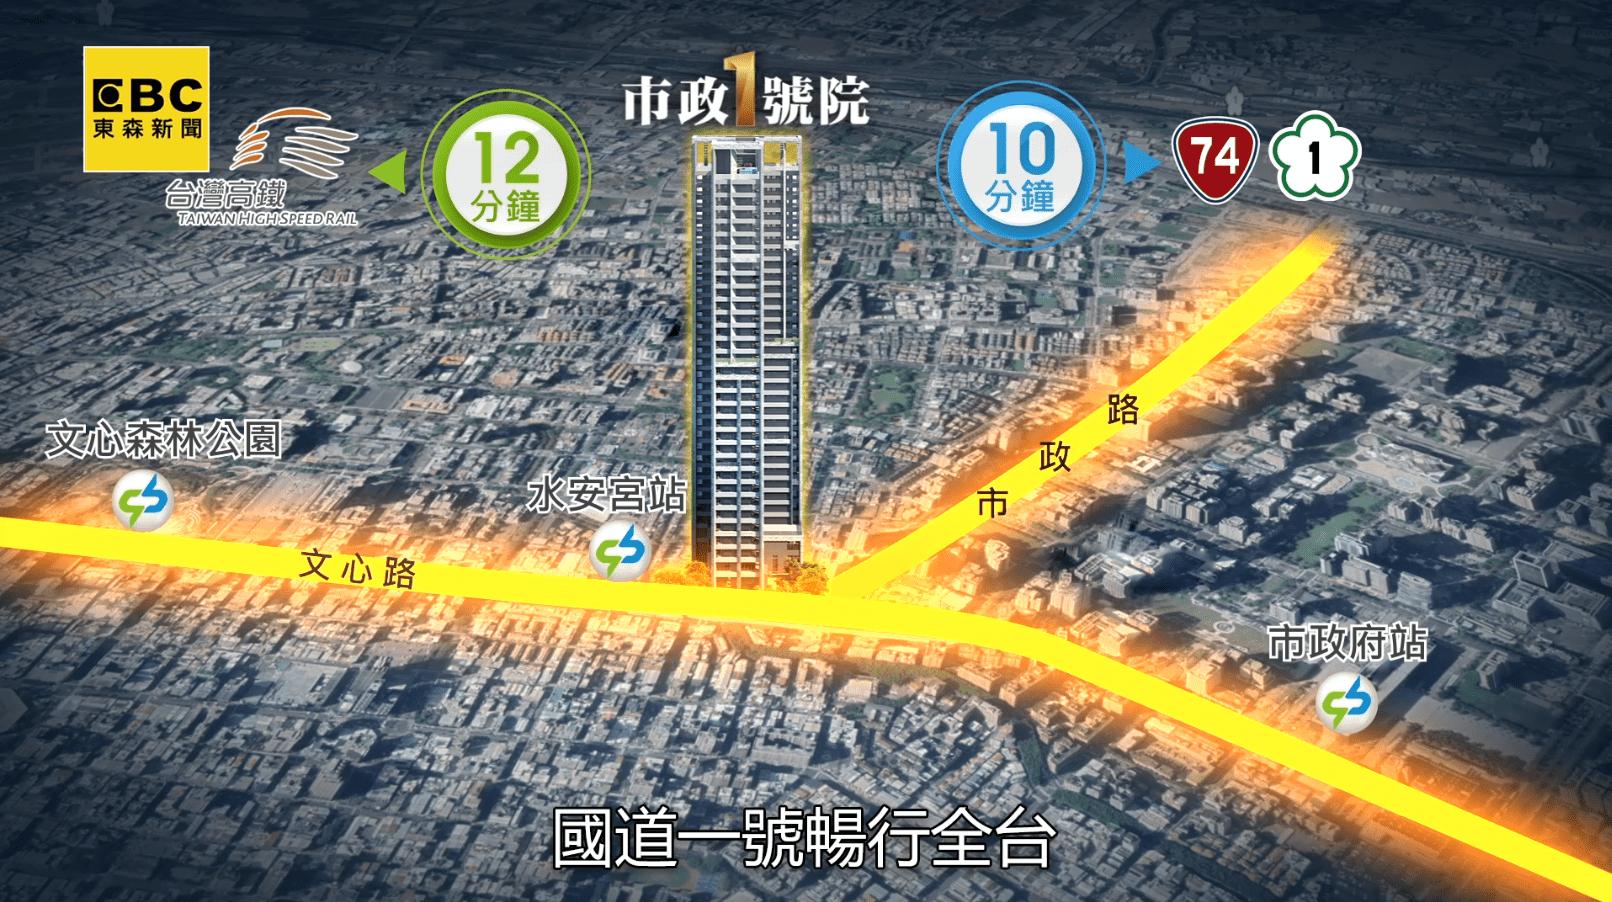 「市政1號院」捷運、高鐵、快速道路交通十分方便